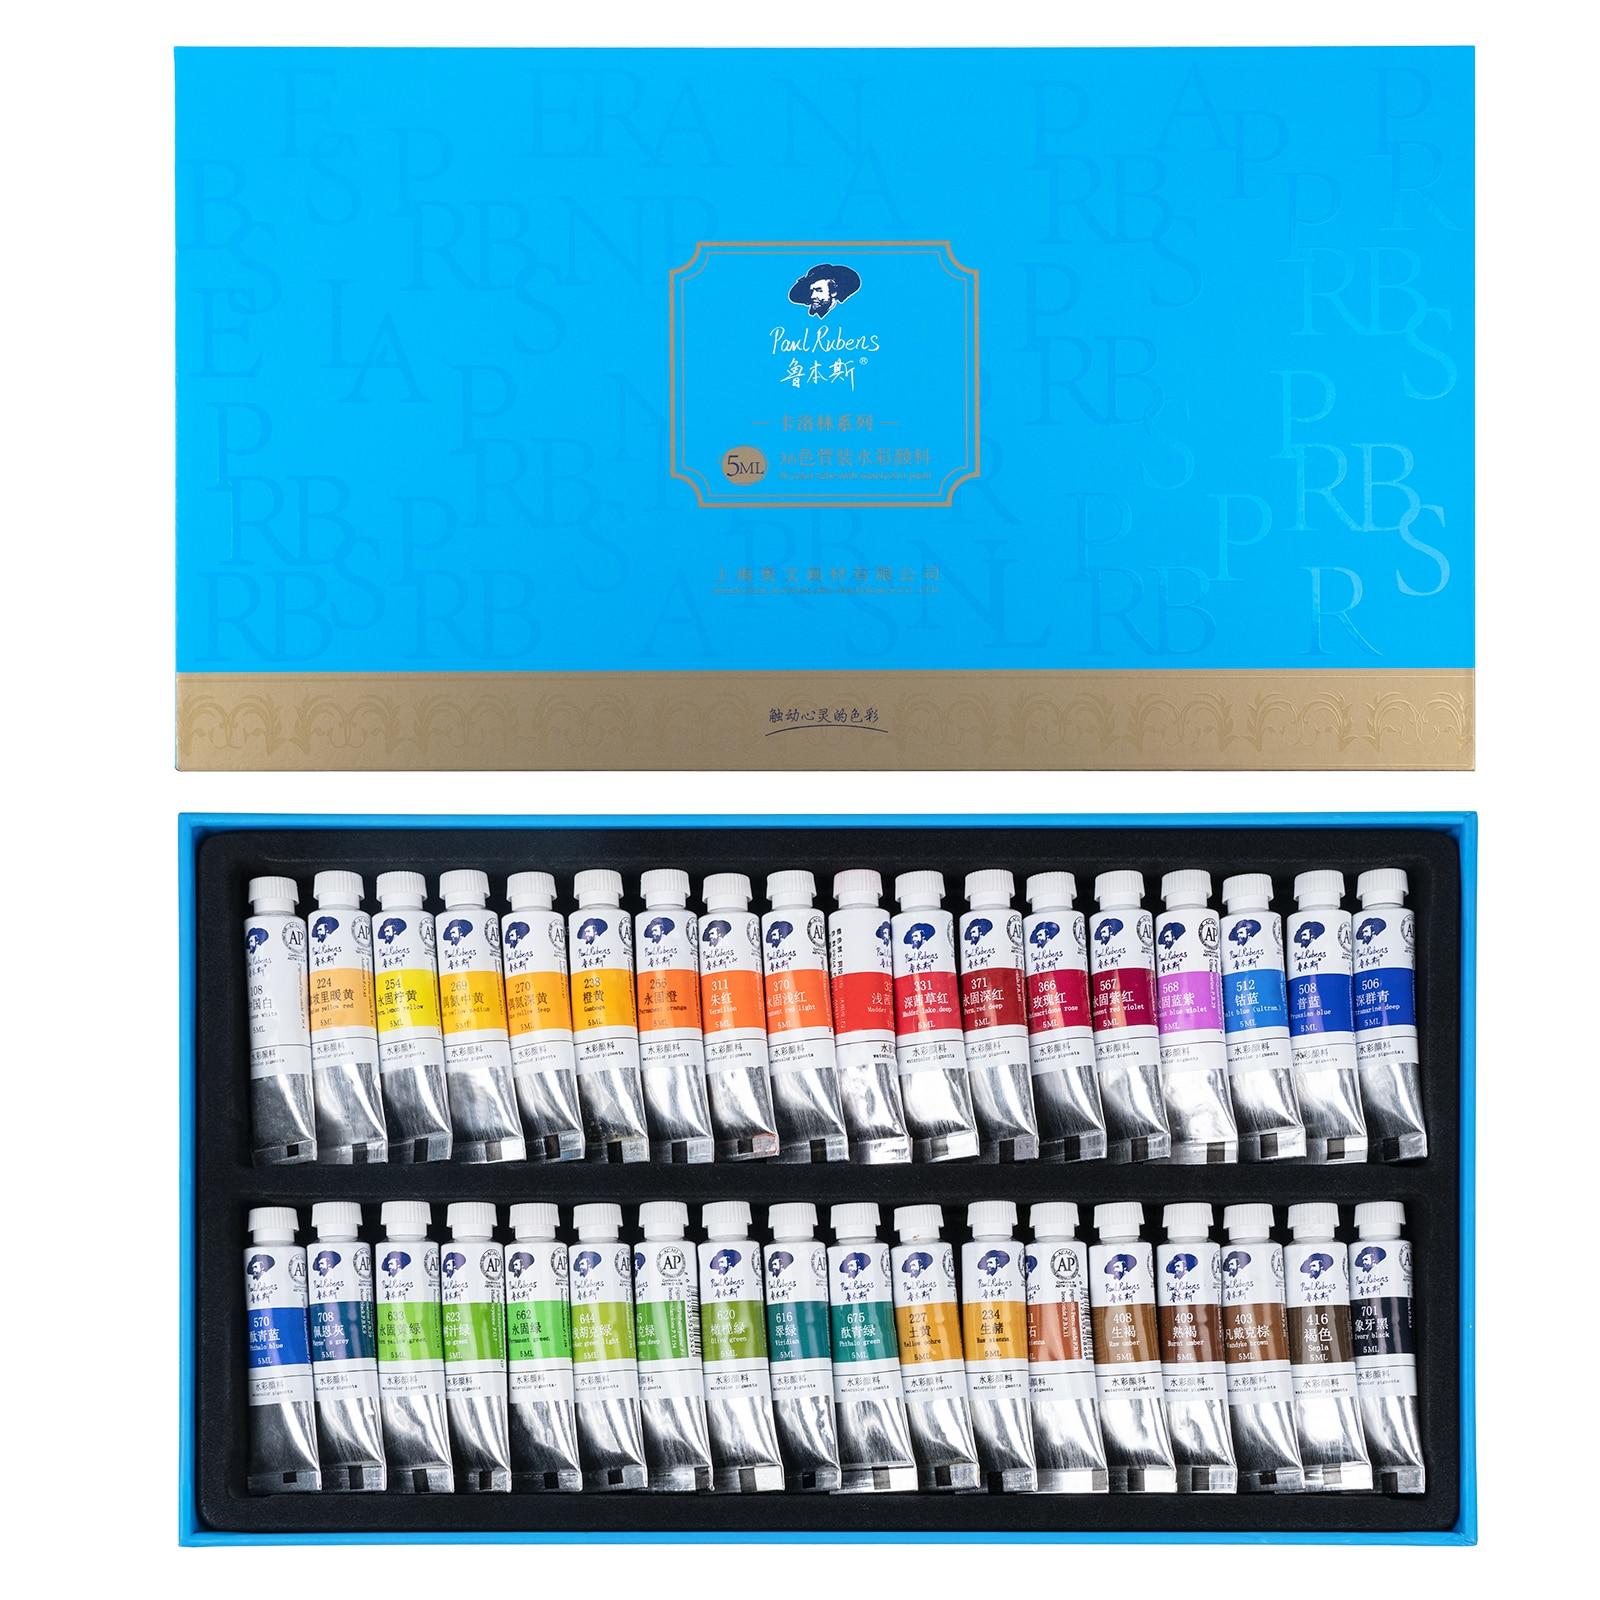 Paul, 5 мл трубки акварель Краски 36 Цвета набор чернил для татуажа, пигмент для начинающих рисунок художественные канцелярские принадлежности...